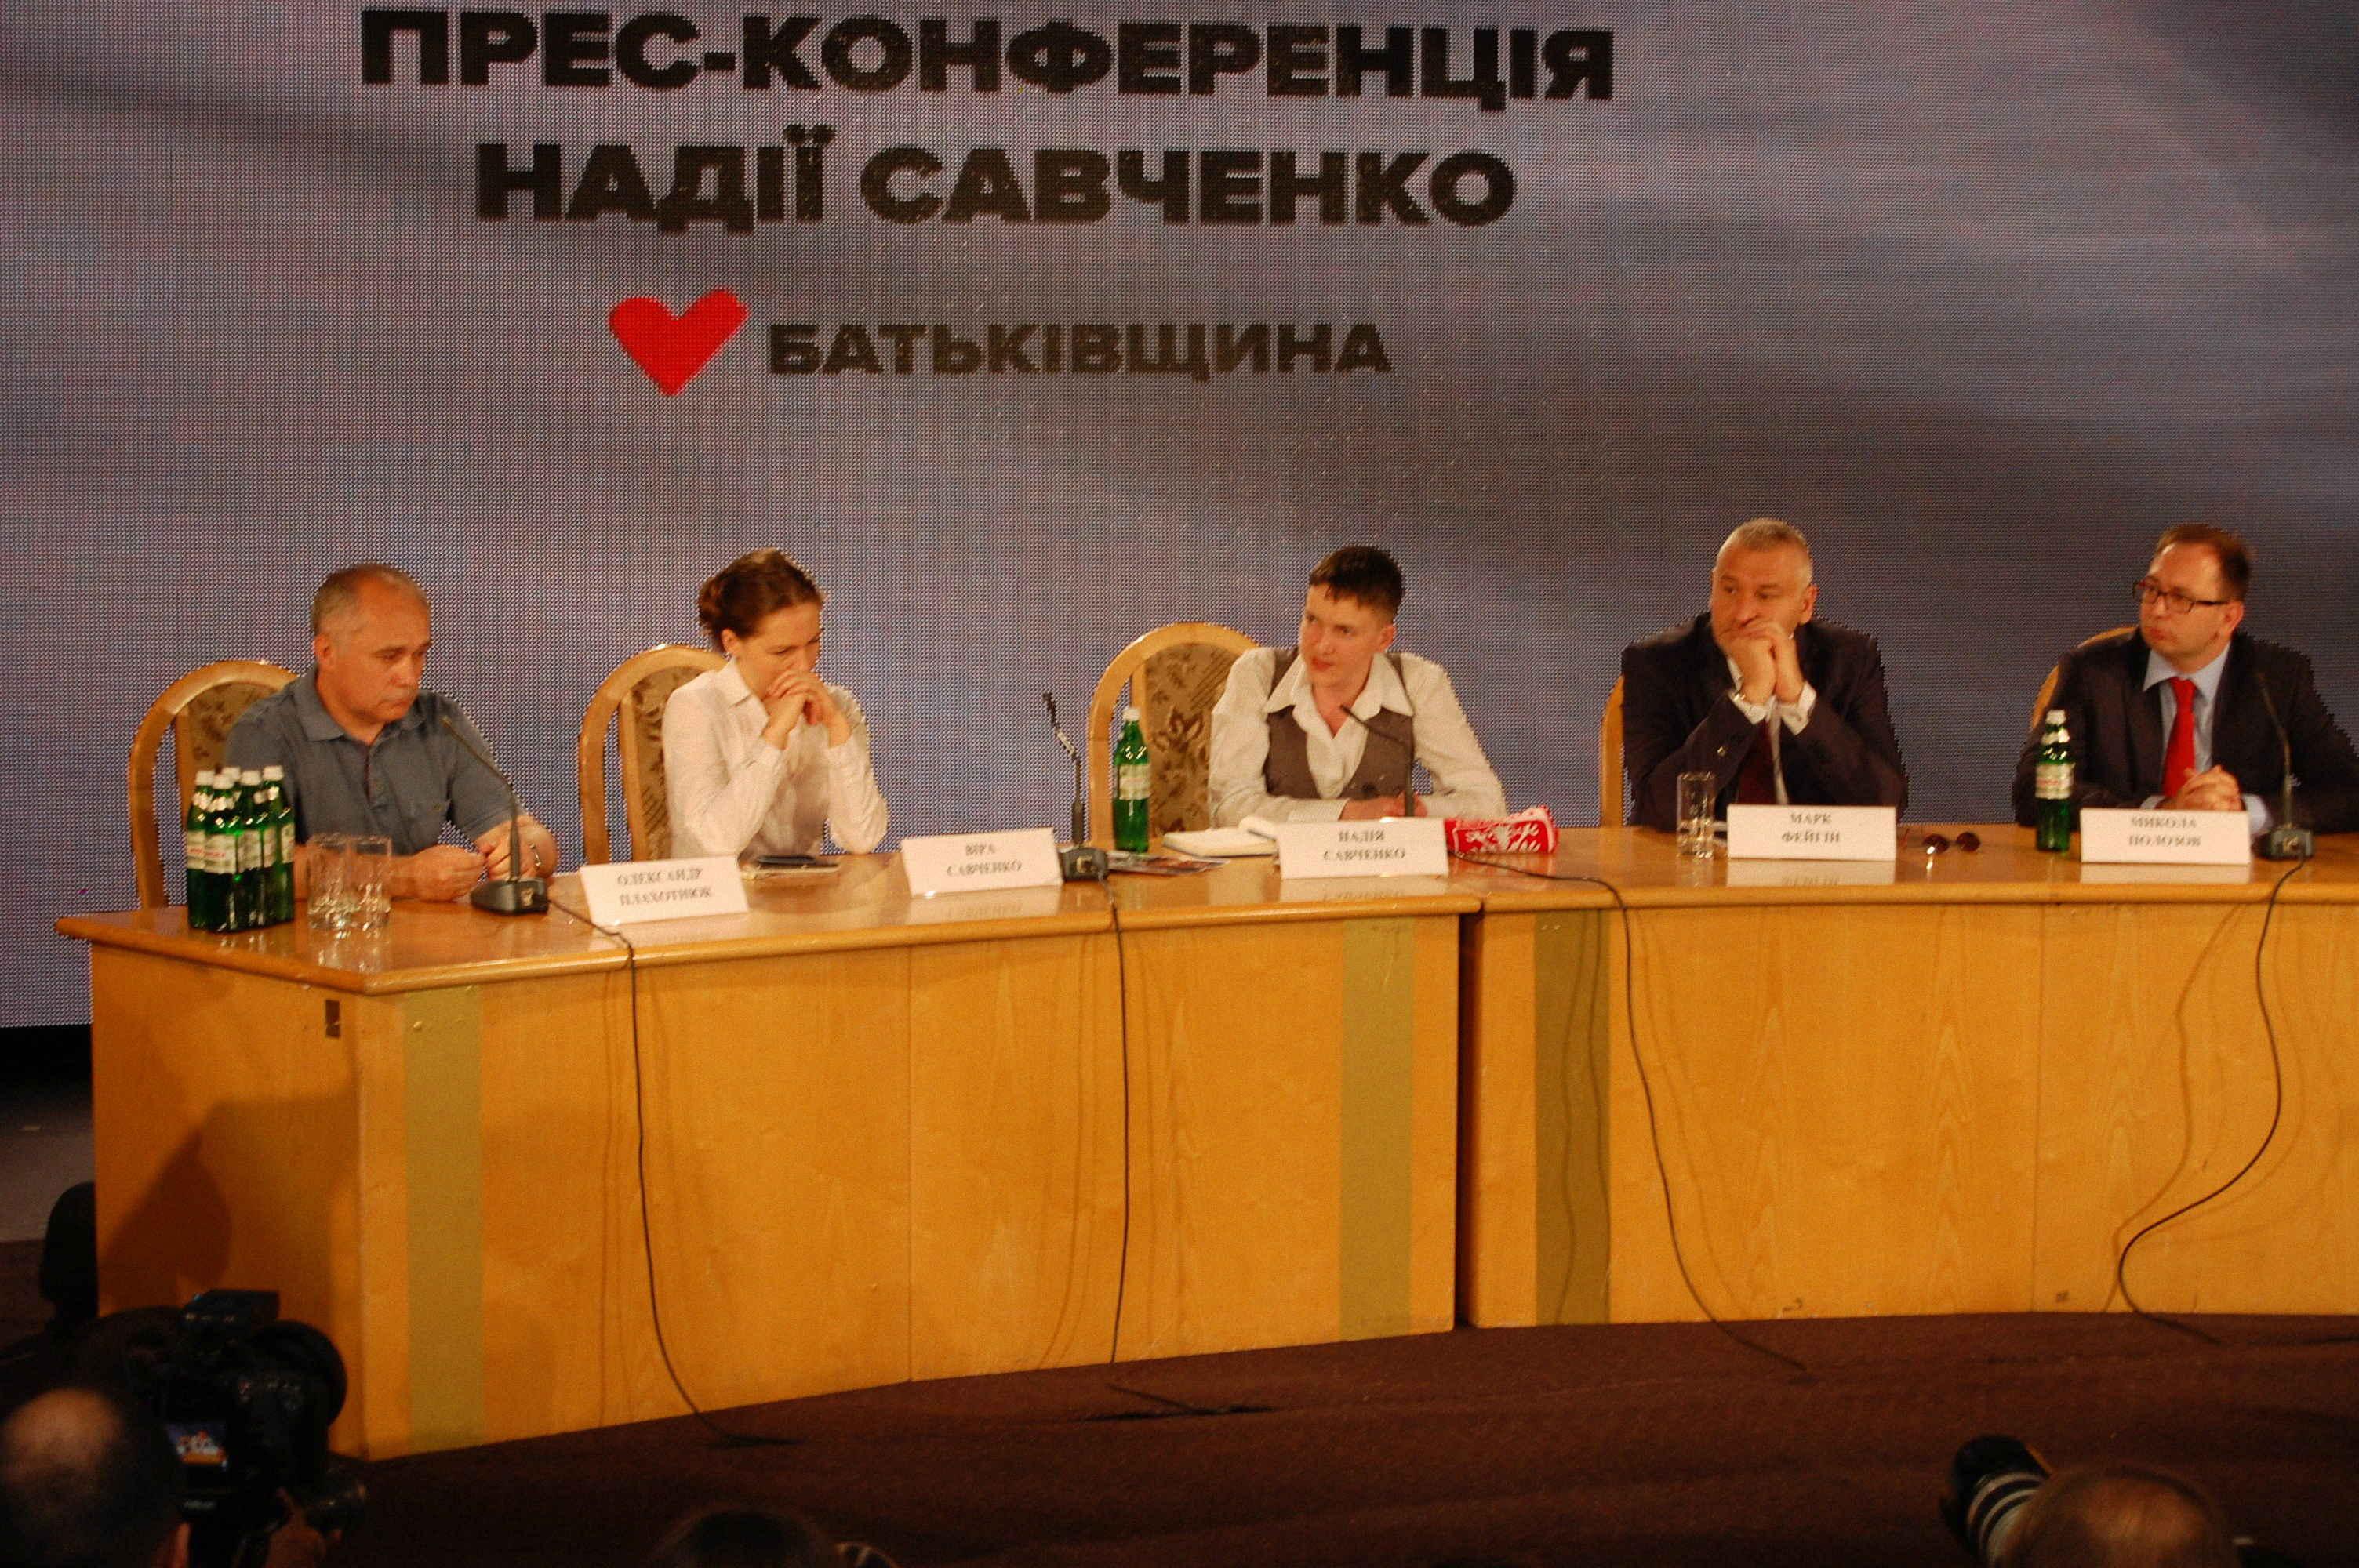 Conferenza Nadia Savchenko, alla sua destra la sorella Vira